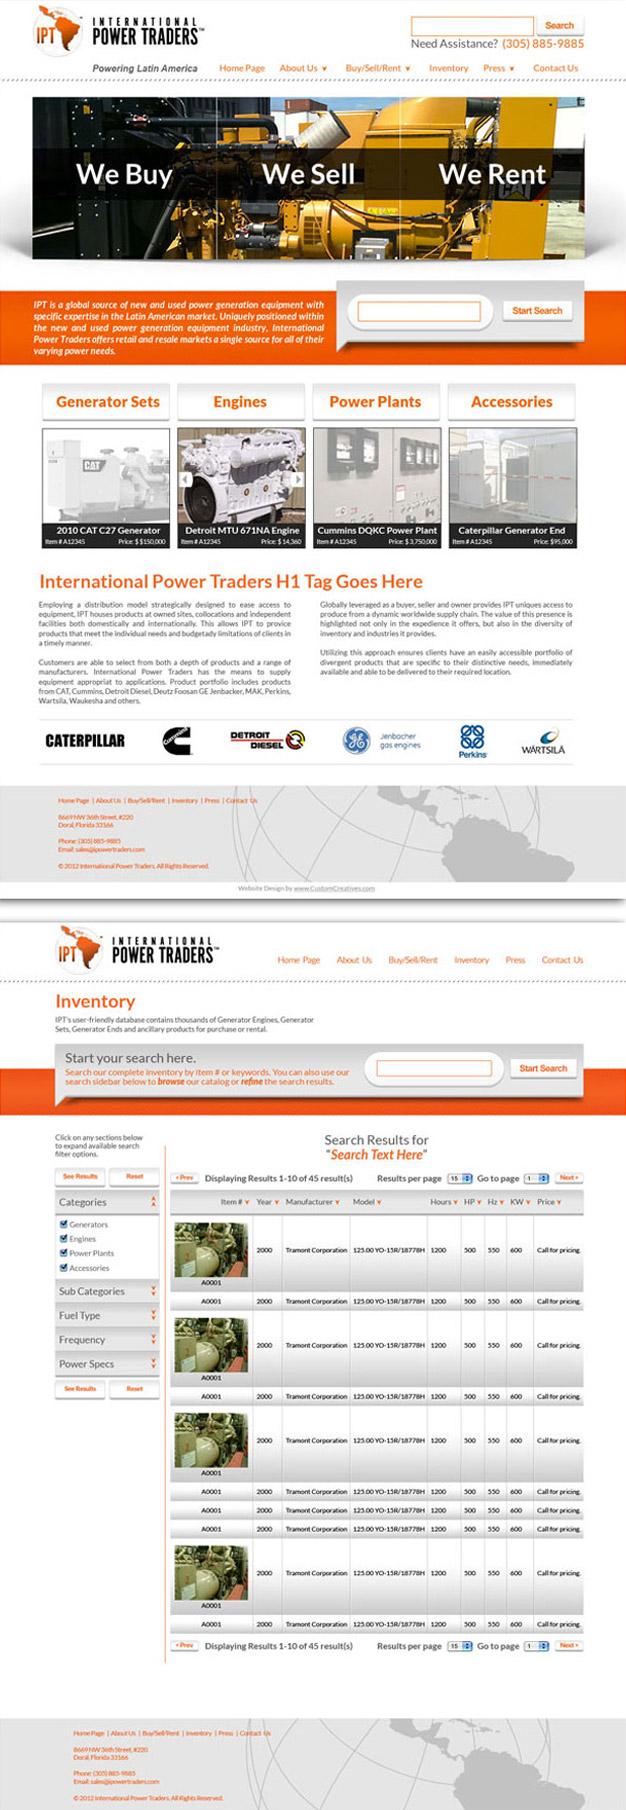 iPower Traders Website Design